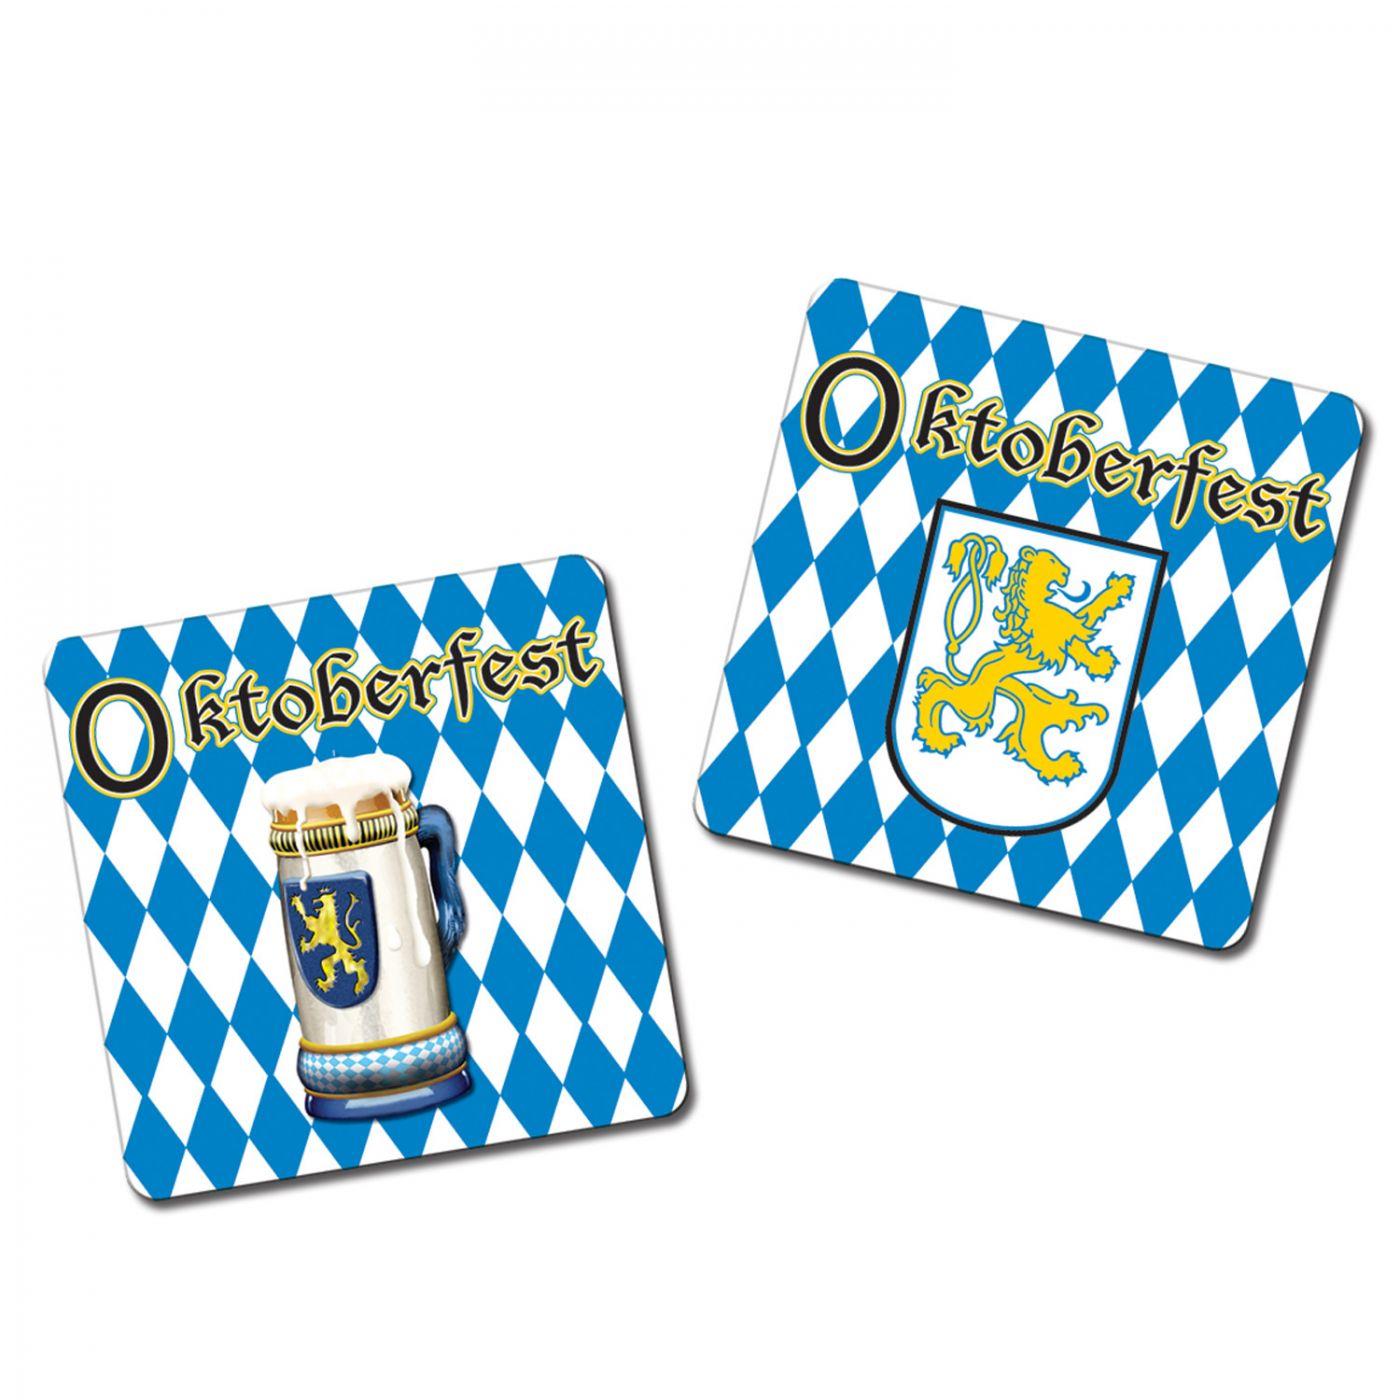 Oktoberfest Coasters image